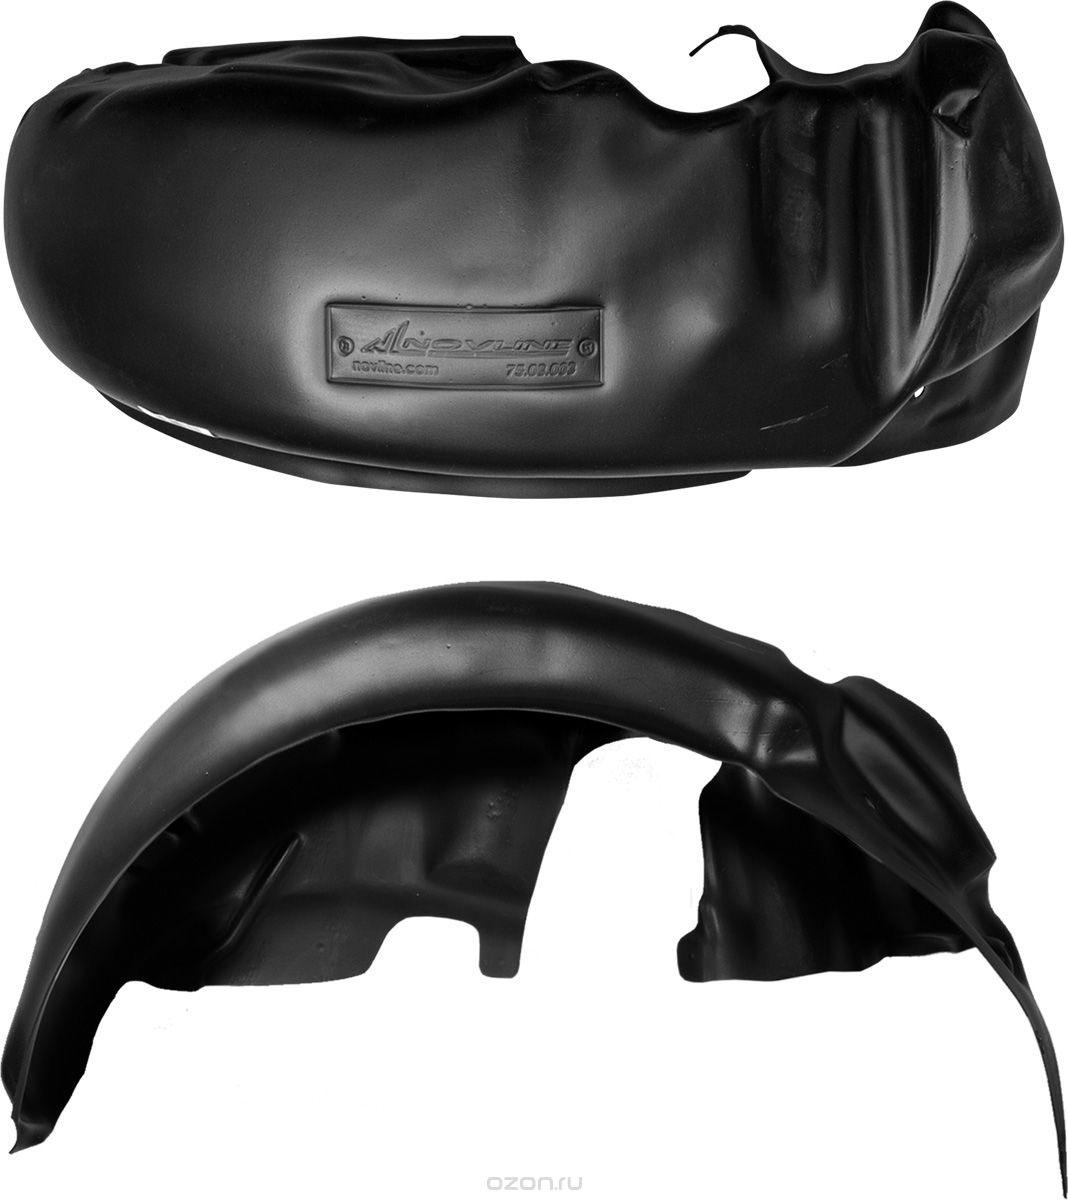 Подкрылок Novline-Autofamily, для LIFAN Smily, 2014->, передний левыйNLL.73.07.001Идеальная защита колесной ниши. Локеры разработаны с применением цифровых технологий, гарантируют максимальную повторяемость поверхности арки. Изделия устанавливаются без нарушения лакокрасочного покрытия автомобиля, каждый подкрылок комплектуется крепежом. Уважаемые клиенты, обращаем ваше внимание, что фотографии на подкрылки универсальные и не отражают реальную форму изделия. При этом само изделие идет точно под размер указанного автомобиля.